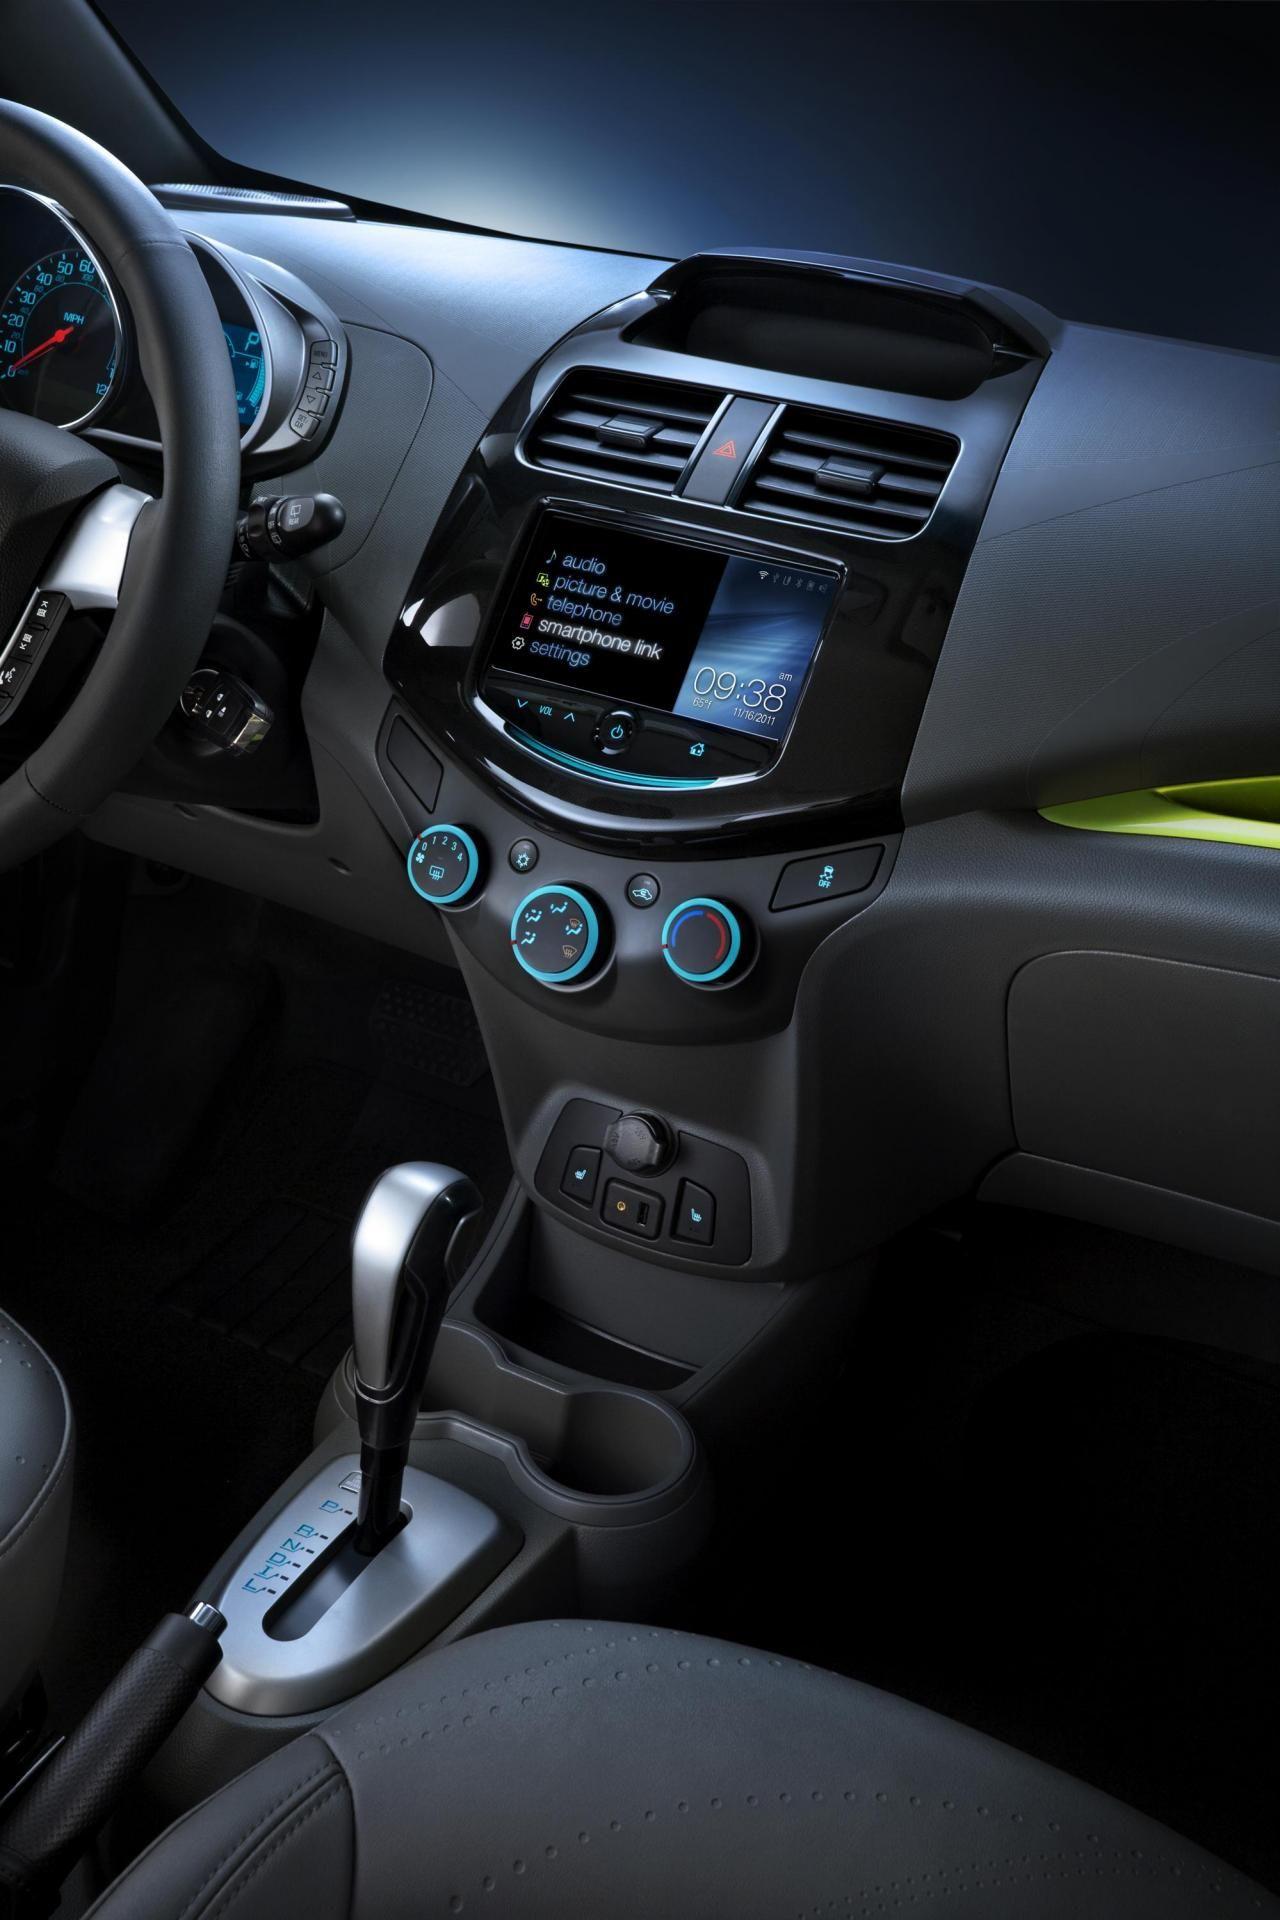 2013 Chevrolet Spark Interior Http Www Jonhallchevrolet Com